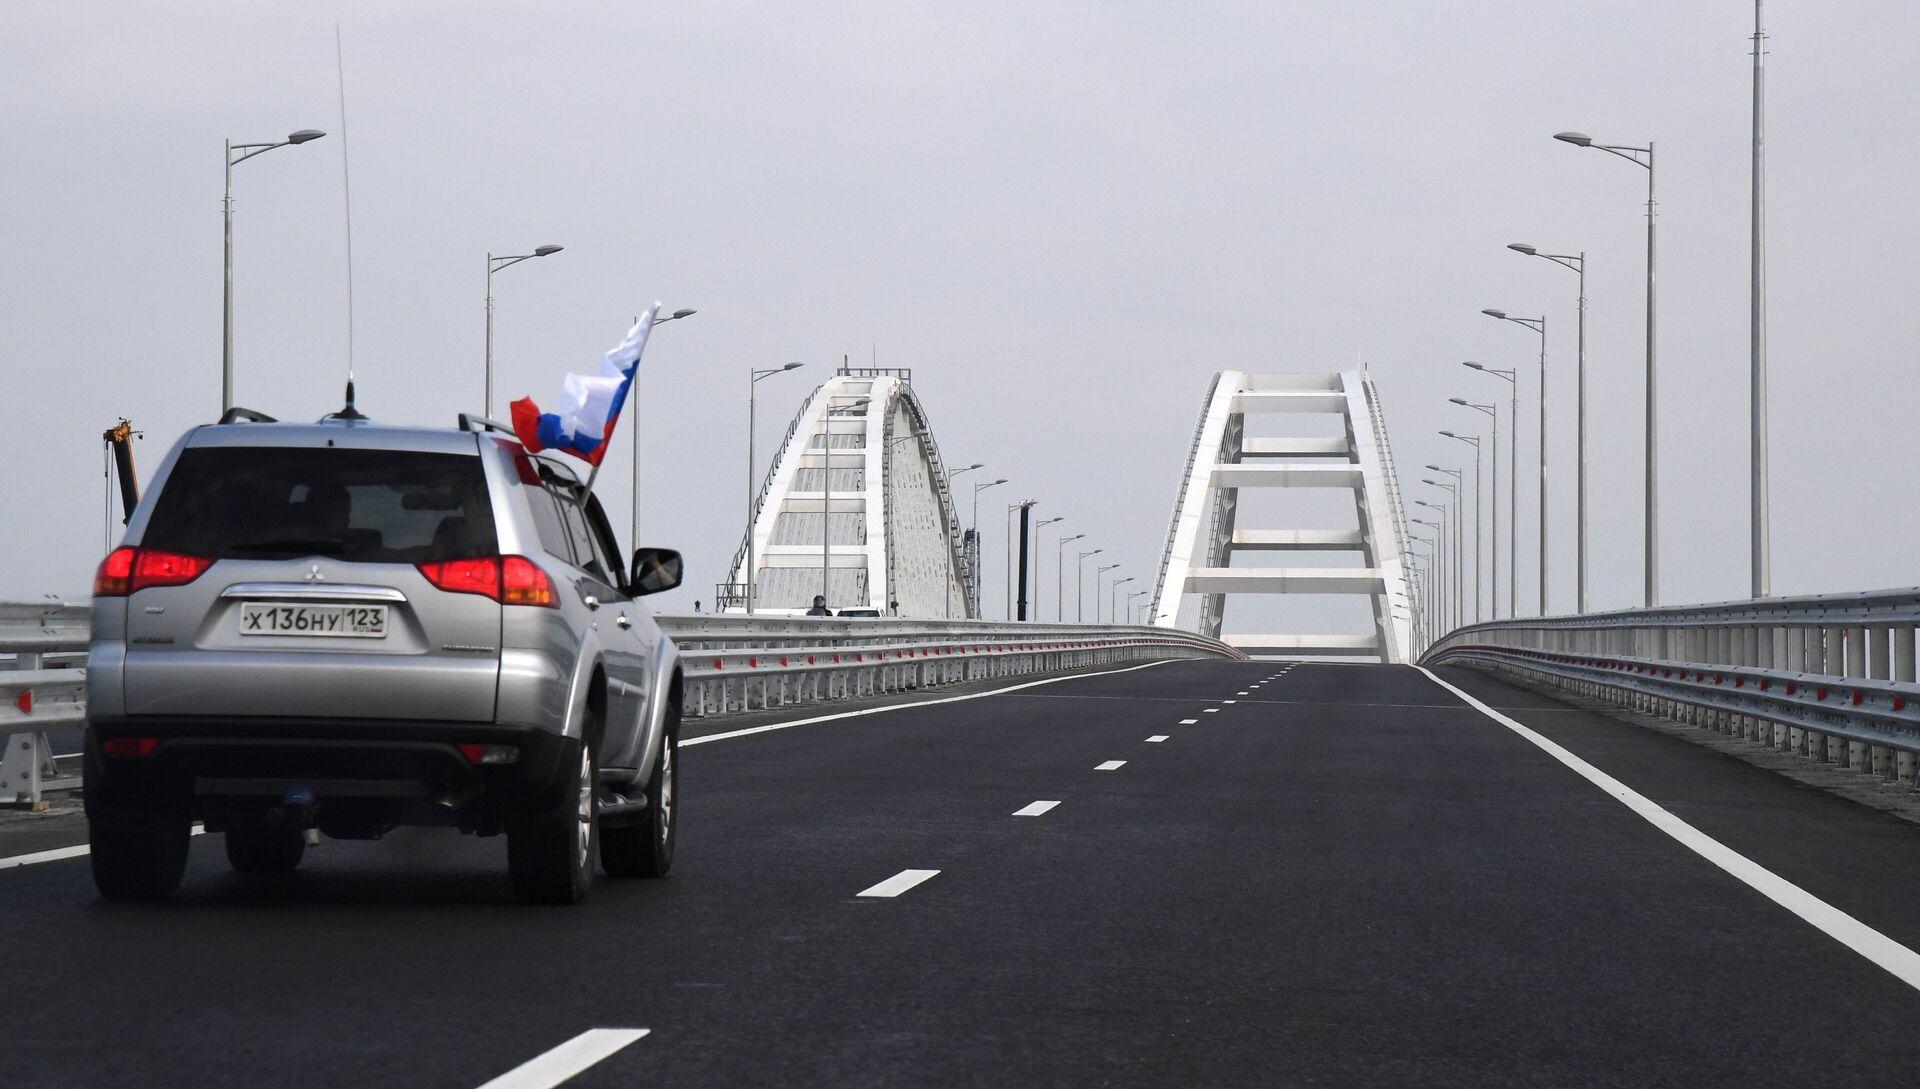 Автомобильное движение по автодорожной части Крымского моста - РИА Новости, 1920, 16.05.2018